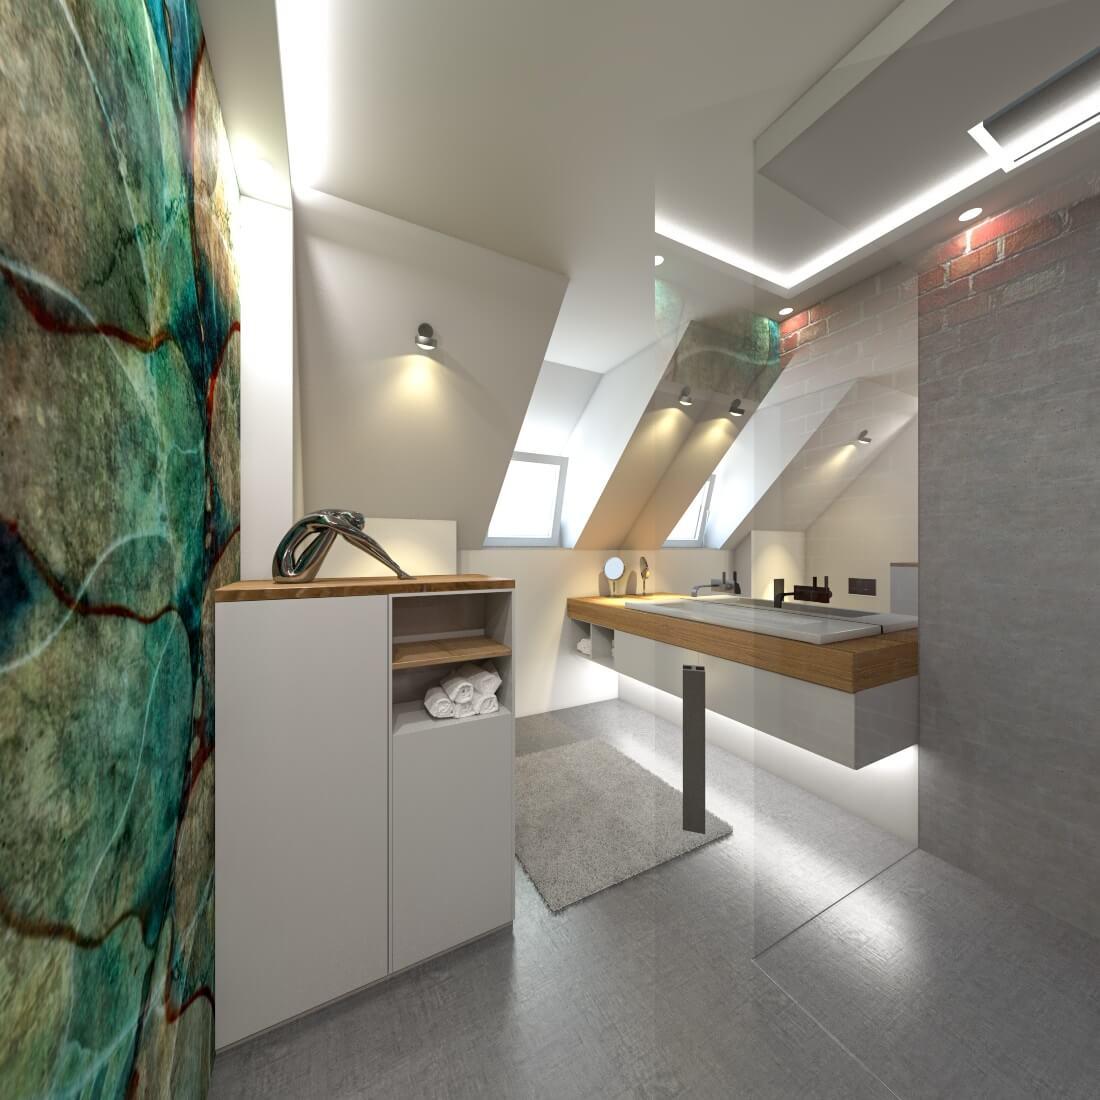 kleines Bad mit Dusche Design by Torsten Müller aus Bad Honnef nähe Köln Bonn Planung Beratung Verkauf (2)